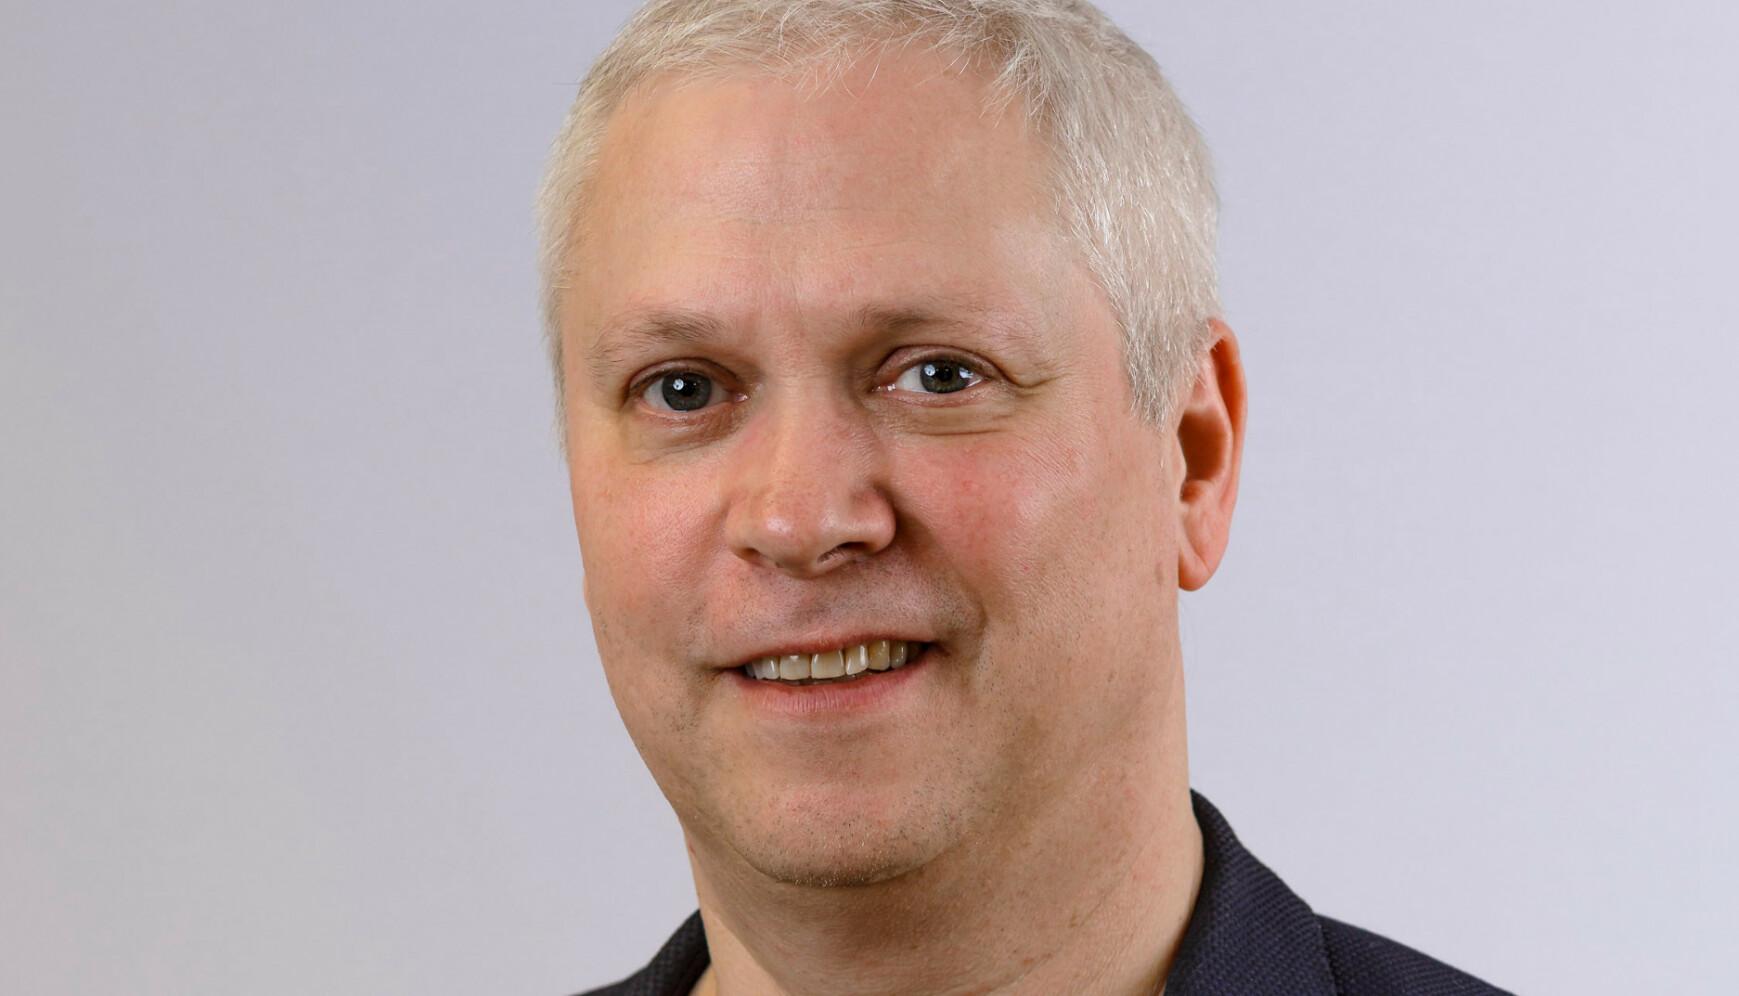 TØFF TONE: Leif E. Broch, kommunikasjonssjef i Eigersund, sier at «tide var inne for klart språk». Foto: Eigersund kommune